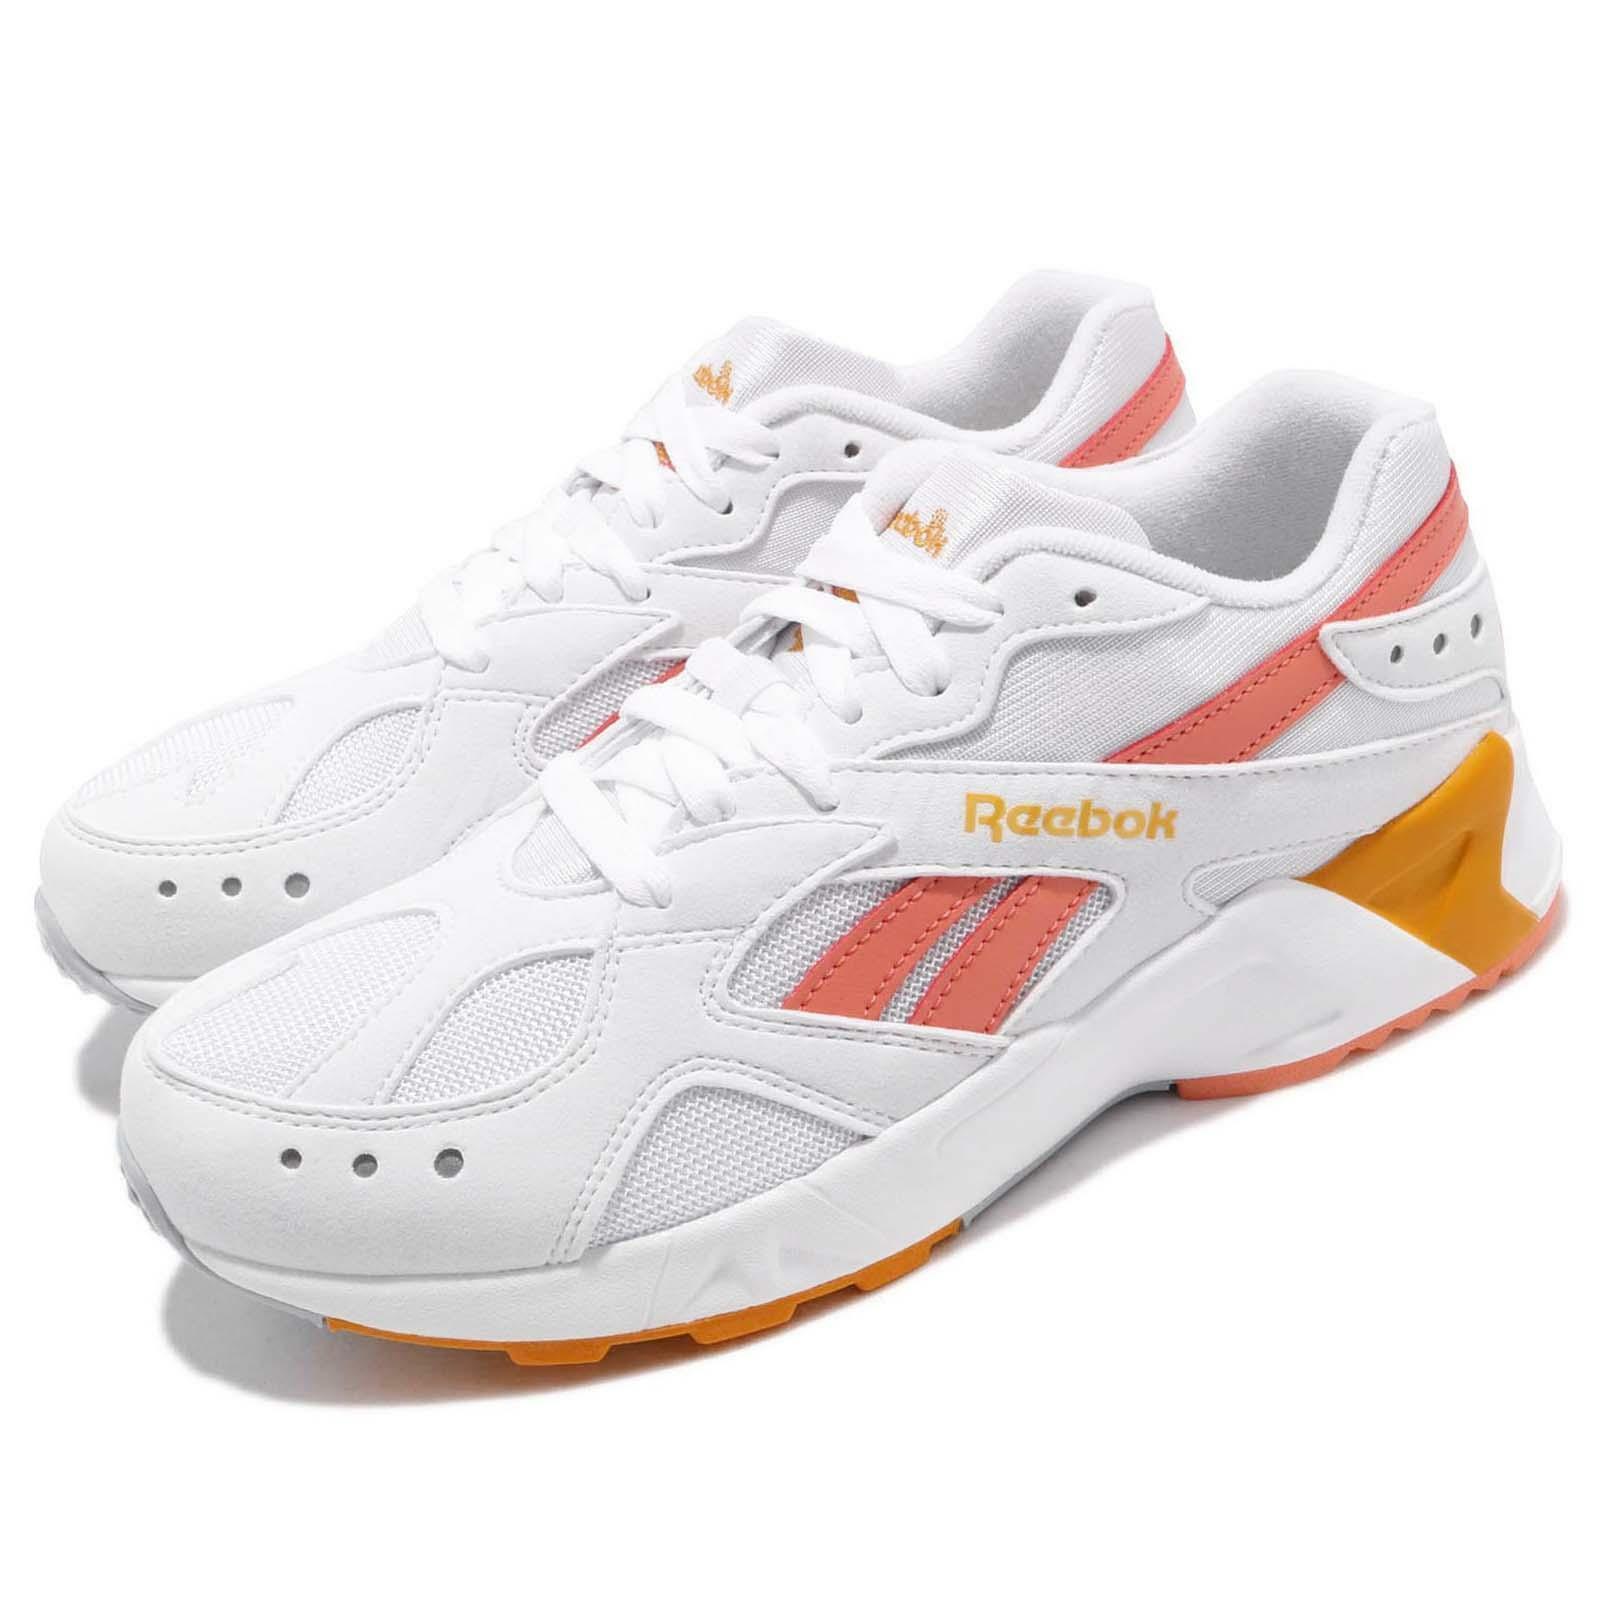 Reebok AZTREK White Stellar Pink gold Men Running Lifestyle shoes  Sneaker DV4276  fantastic quality